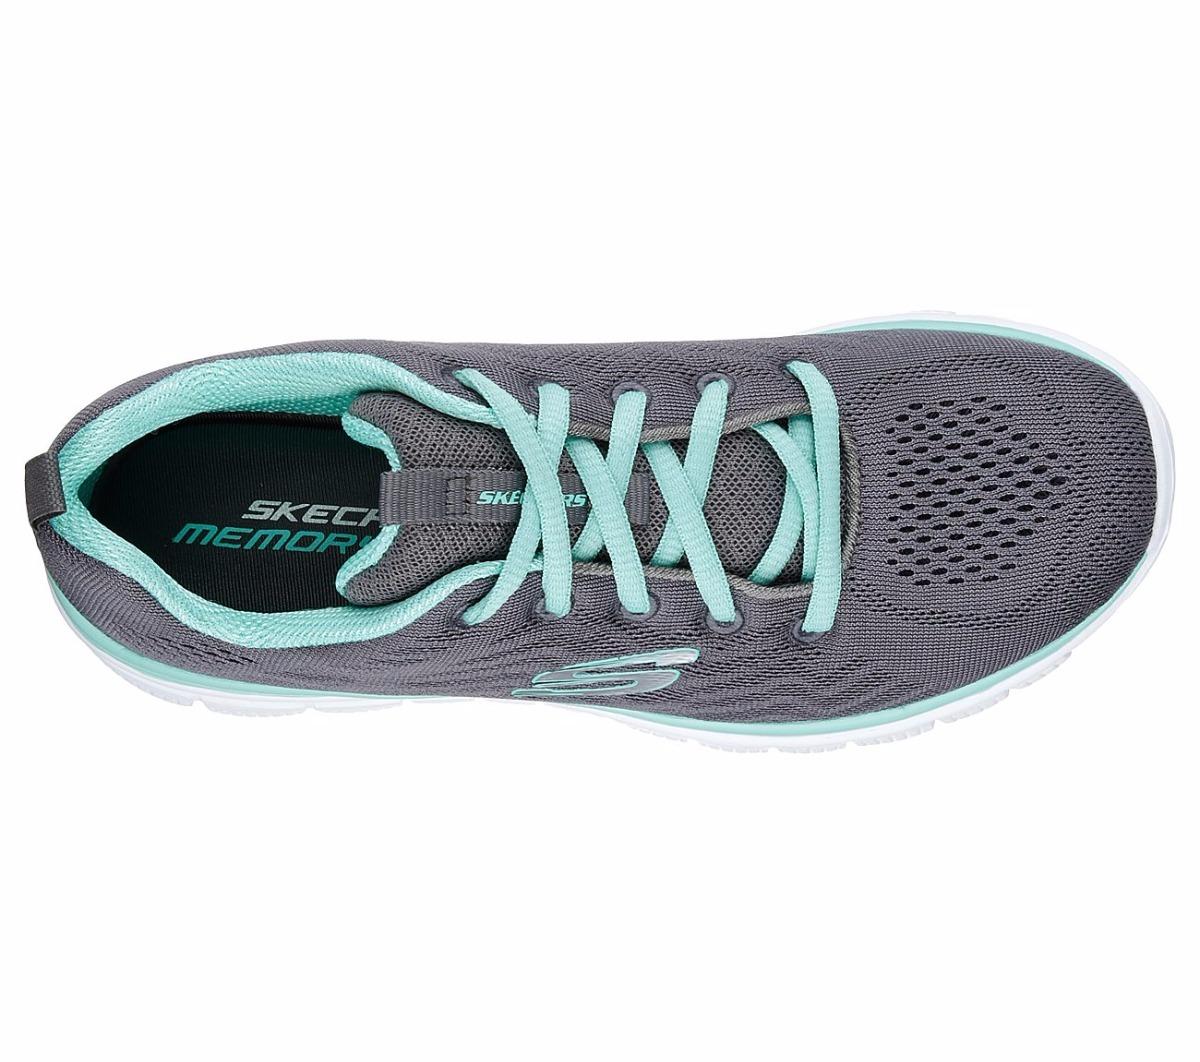 b3e7e2ba9a55b zapatilla skechers fitness caminar - mujer - envios. Cargando zoom.